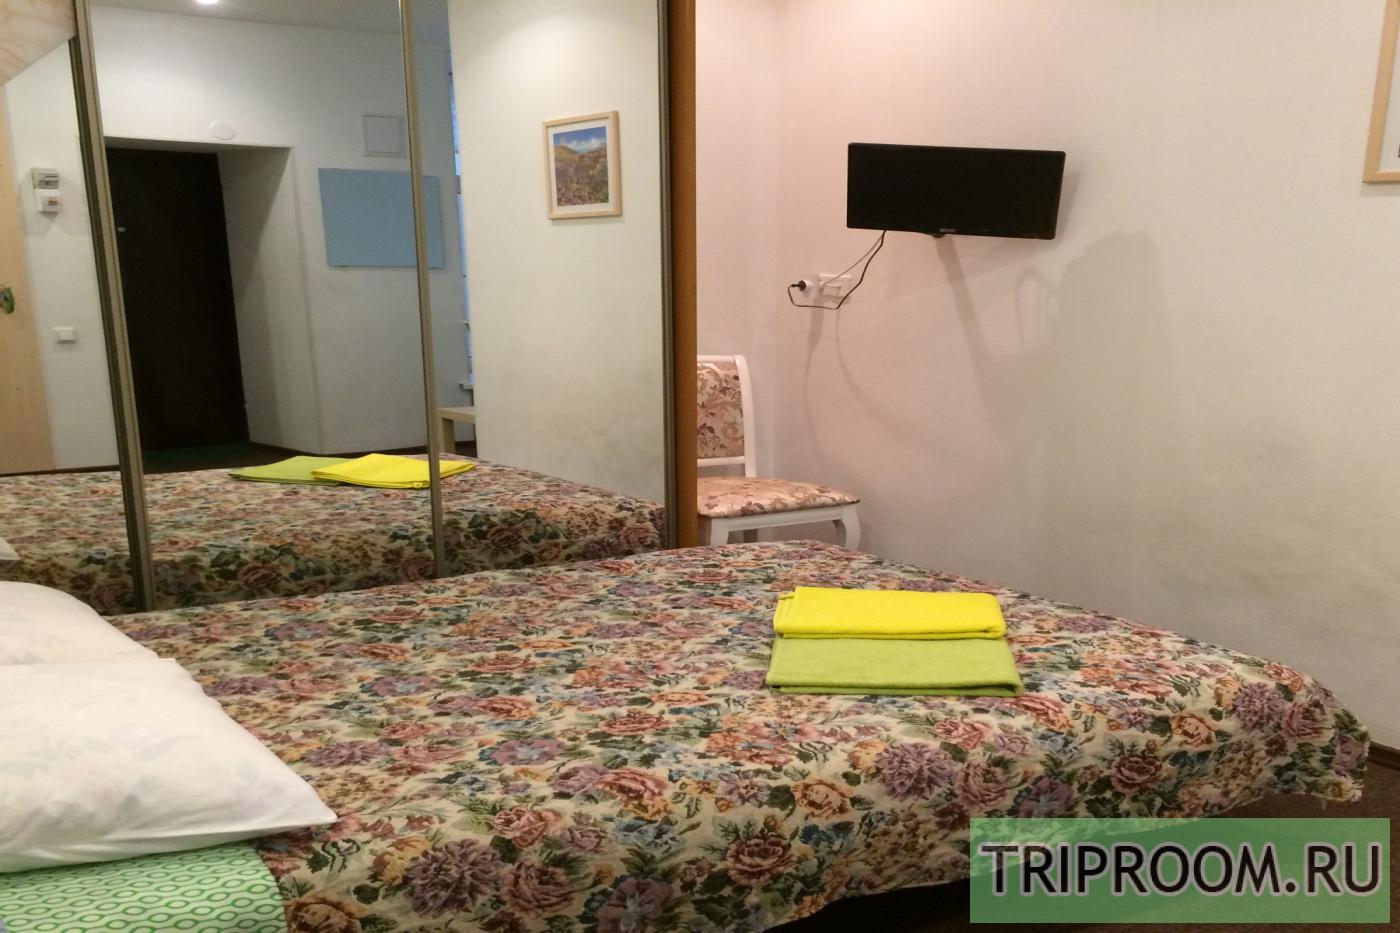 1-комнатная квартира посуточно (вариант № 15415), ул. Гороховая улица, фото № 2